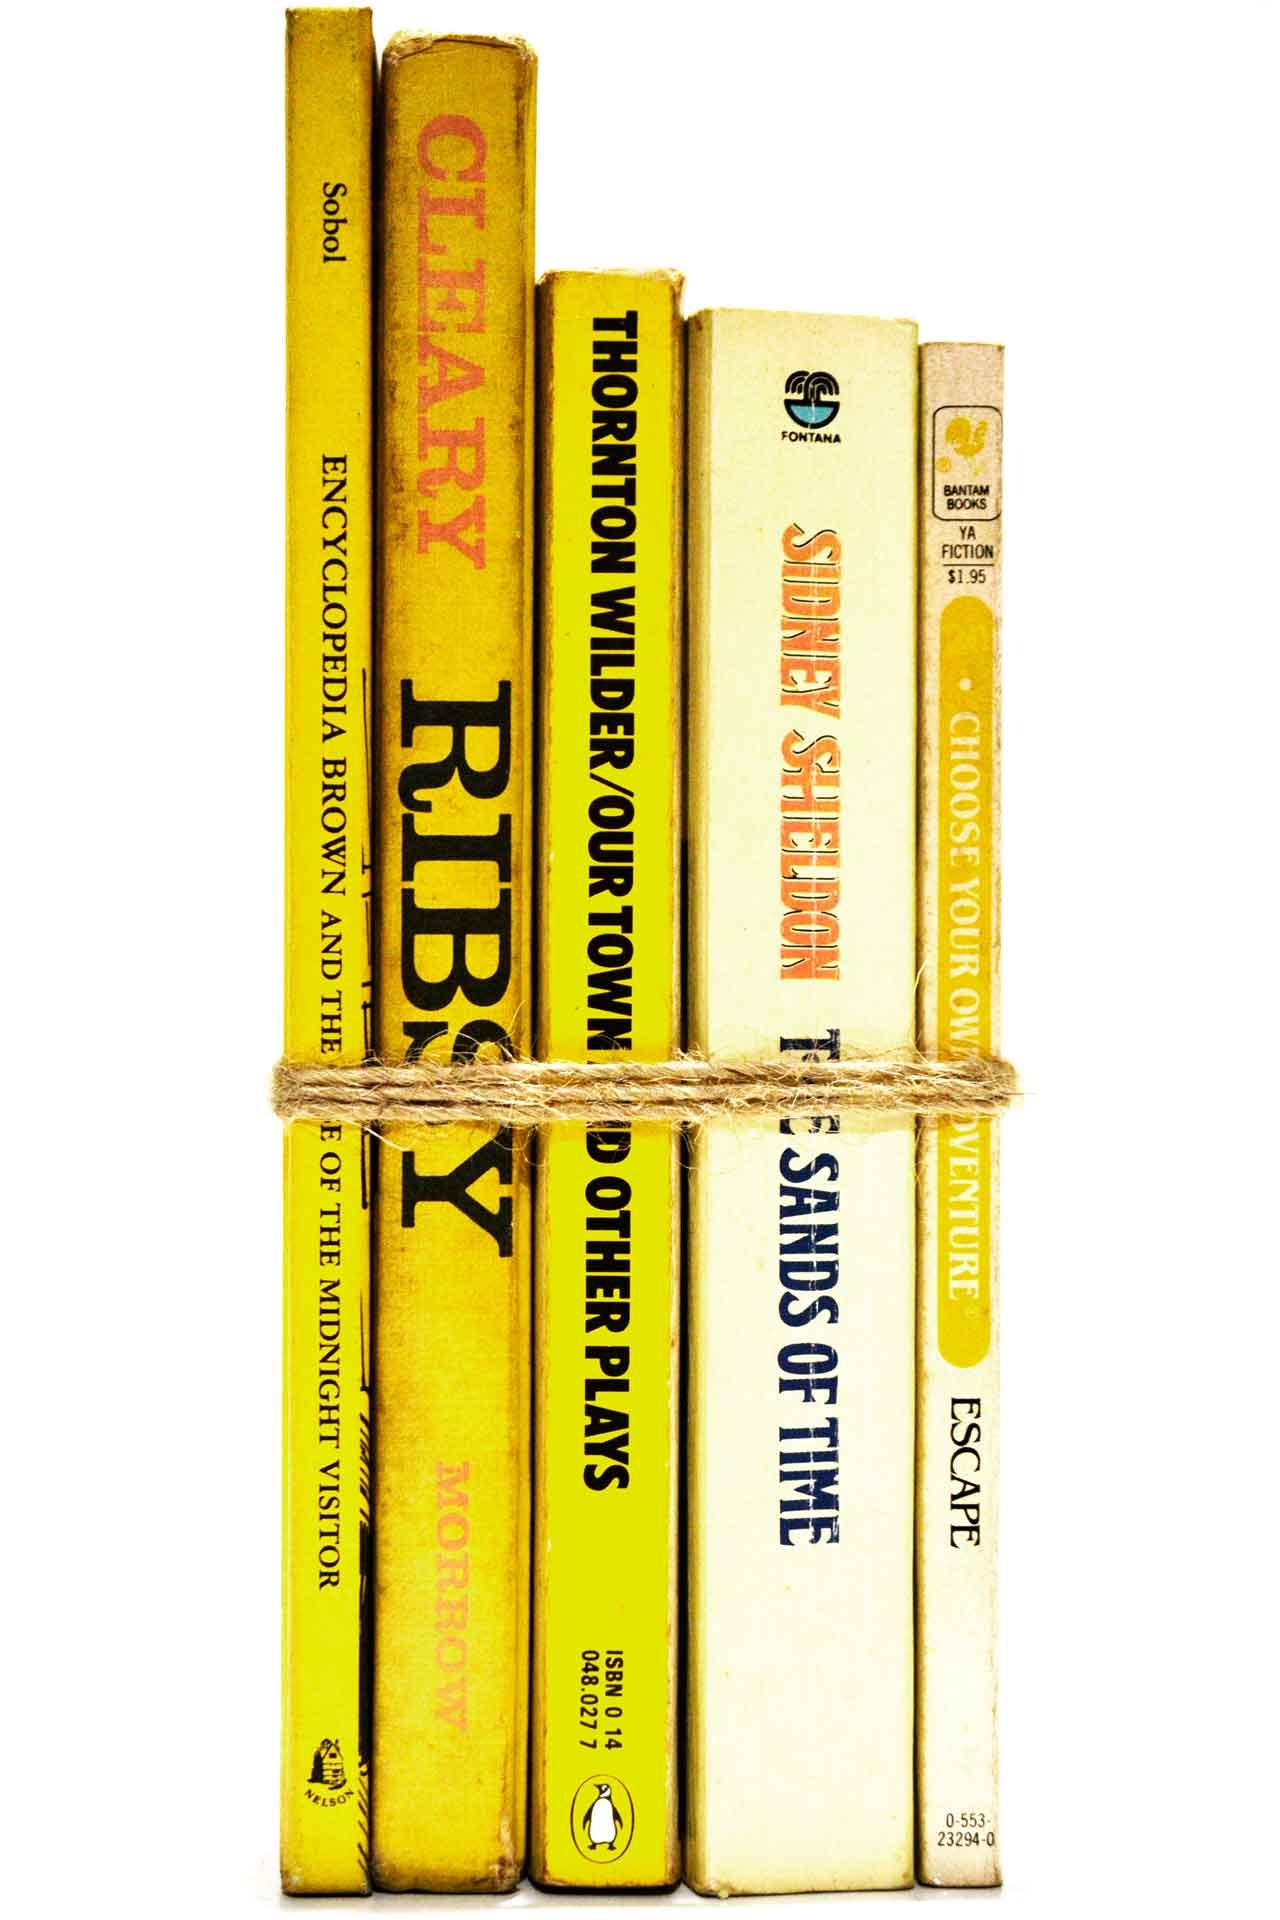 洋書 ディスプレイ用 5冊セット RZ-5027